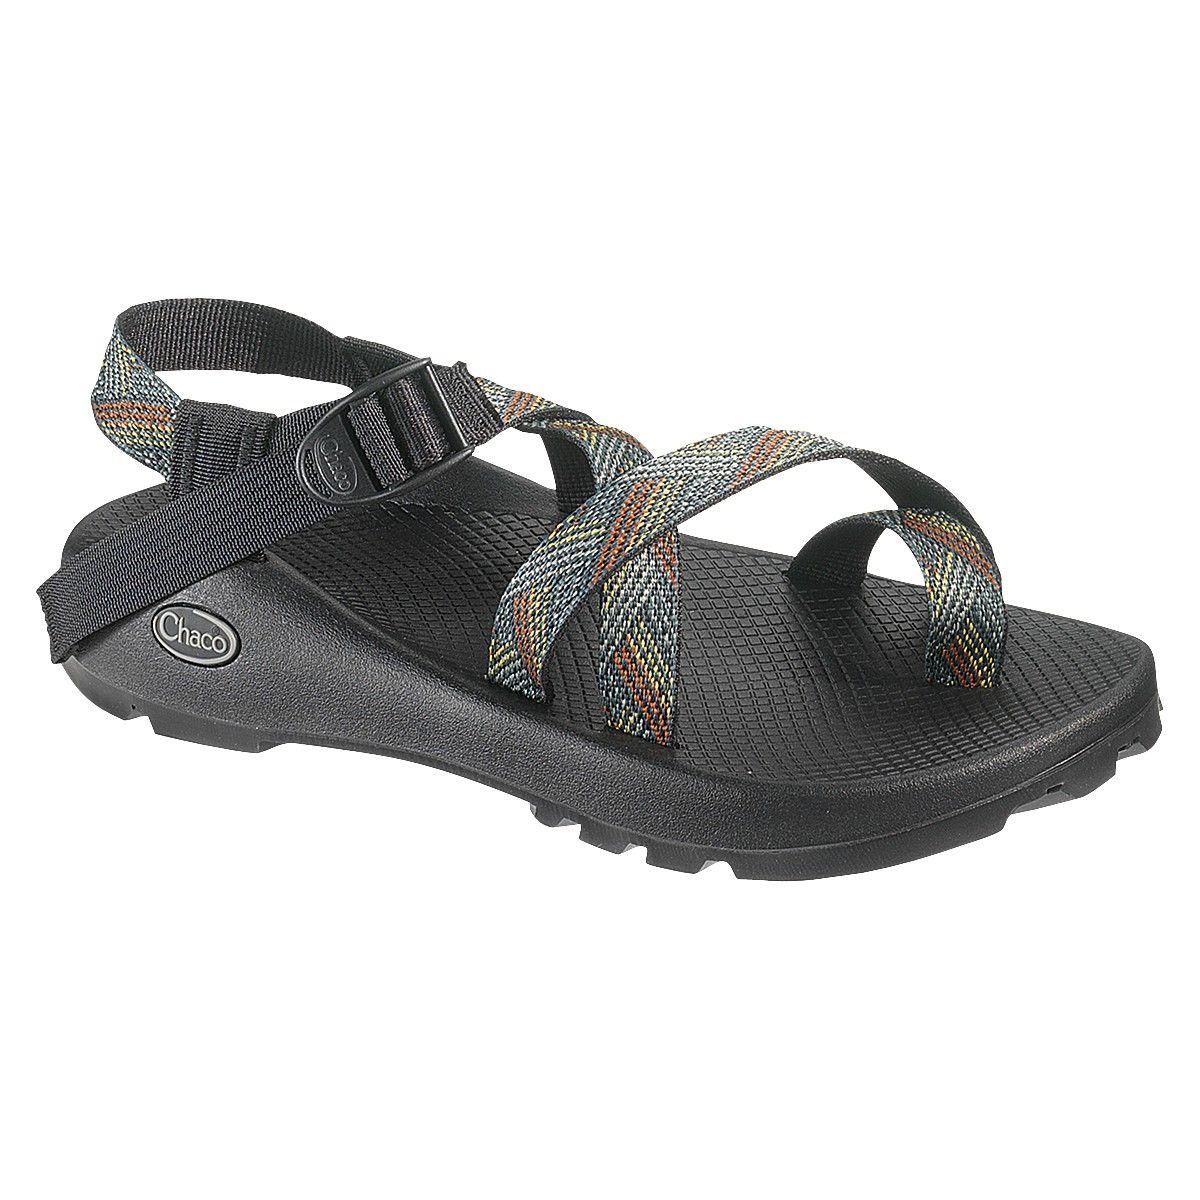 Mens Sandals Chaco Z2 Vibram Unaweep Mens Black Mens Shoes Sandals 2016 Sale Outlet